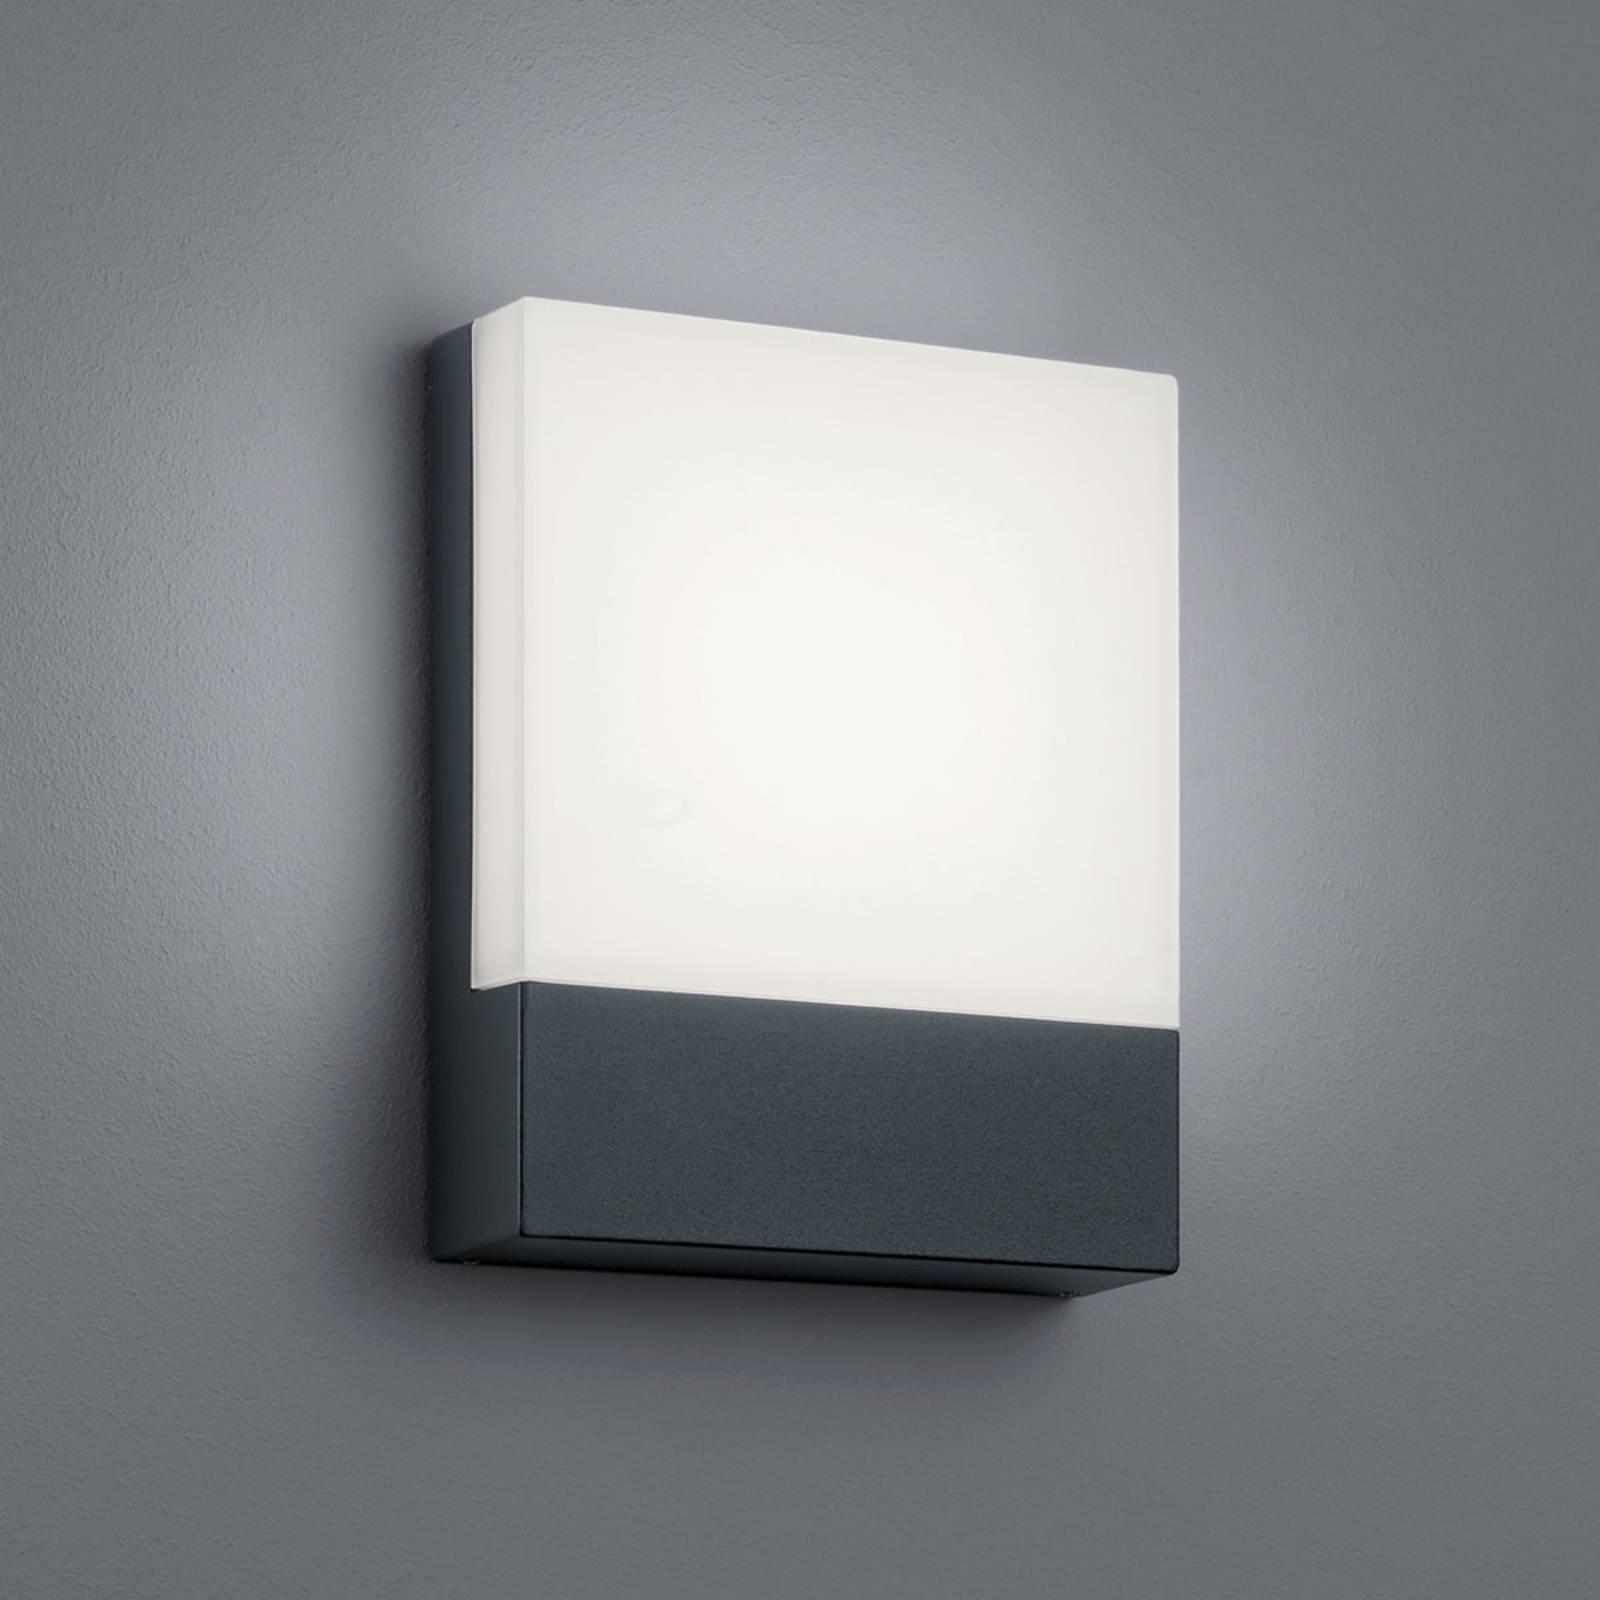 LED-husnummerlampa Pecos